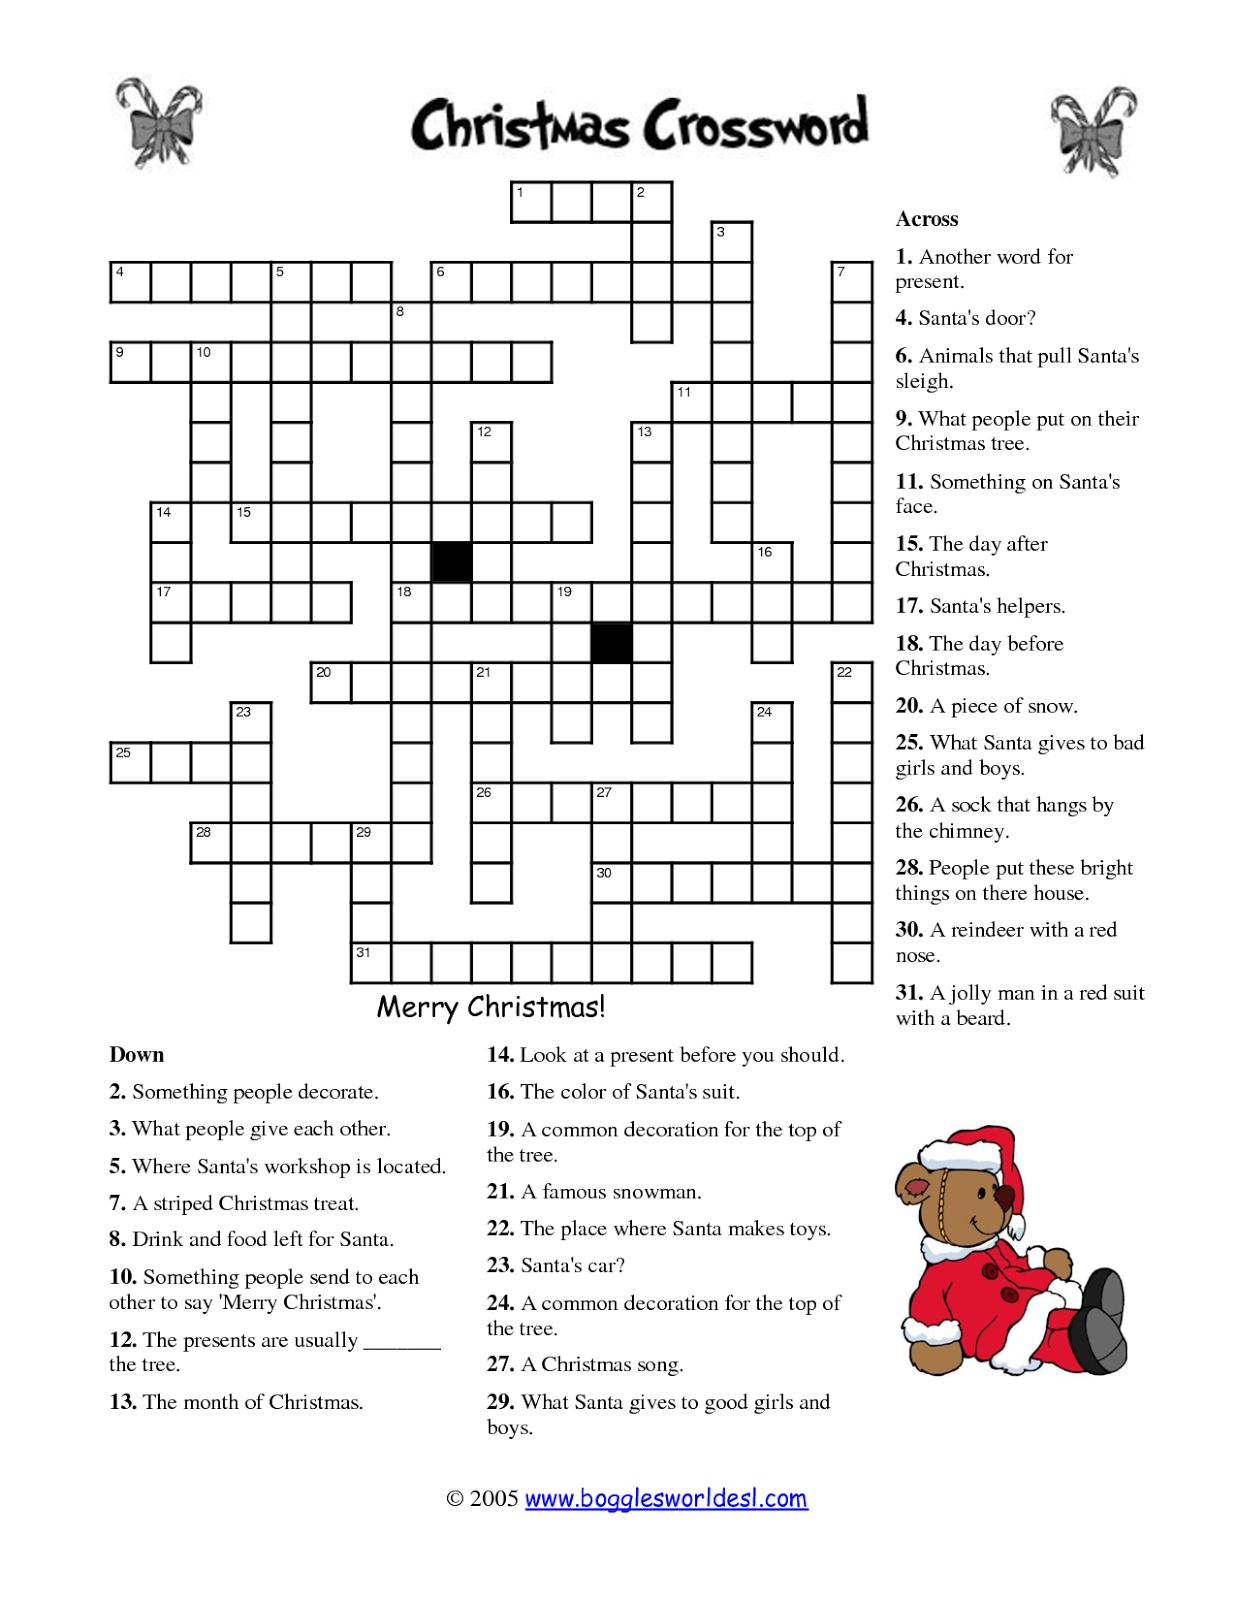 Free Printable Crossword Puzzles | M34 | Free Printable Crossword - Free Printable Christmas Puzzles